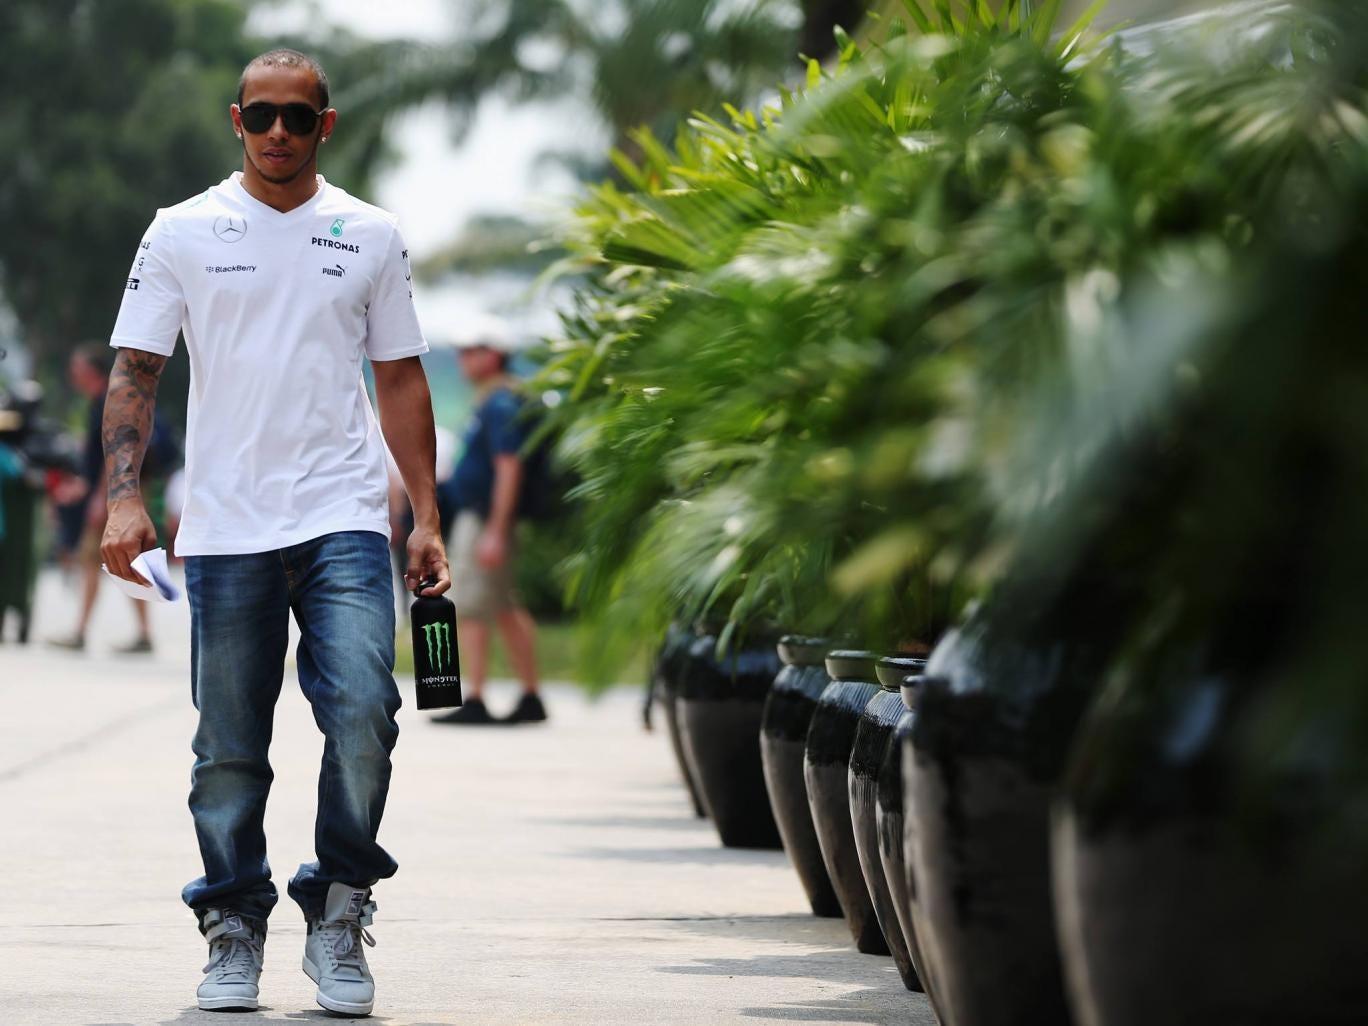 Lewis Hamilton in Malaysia